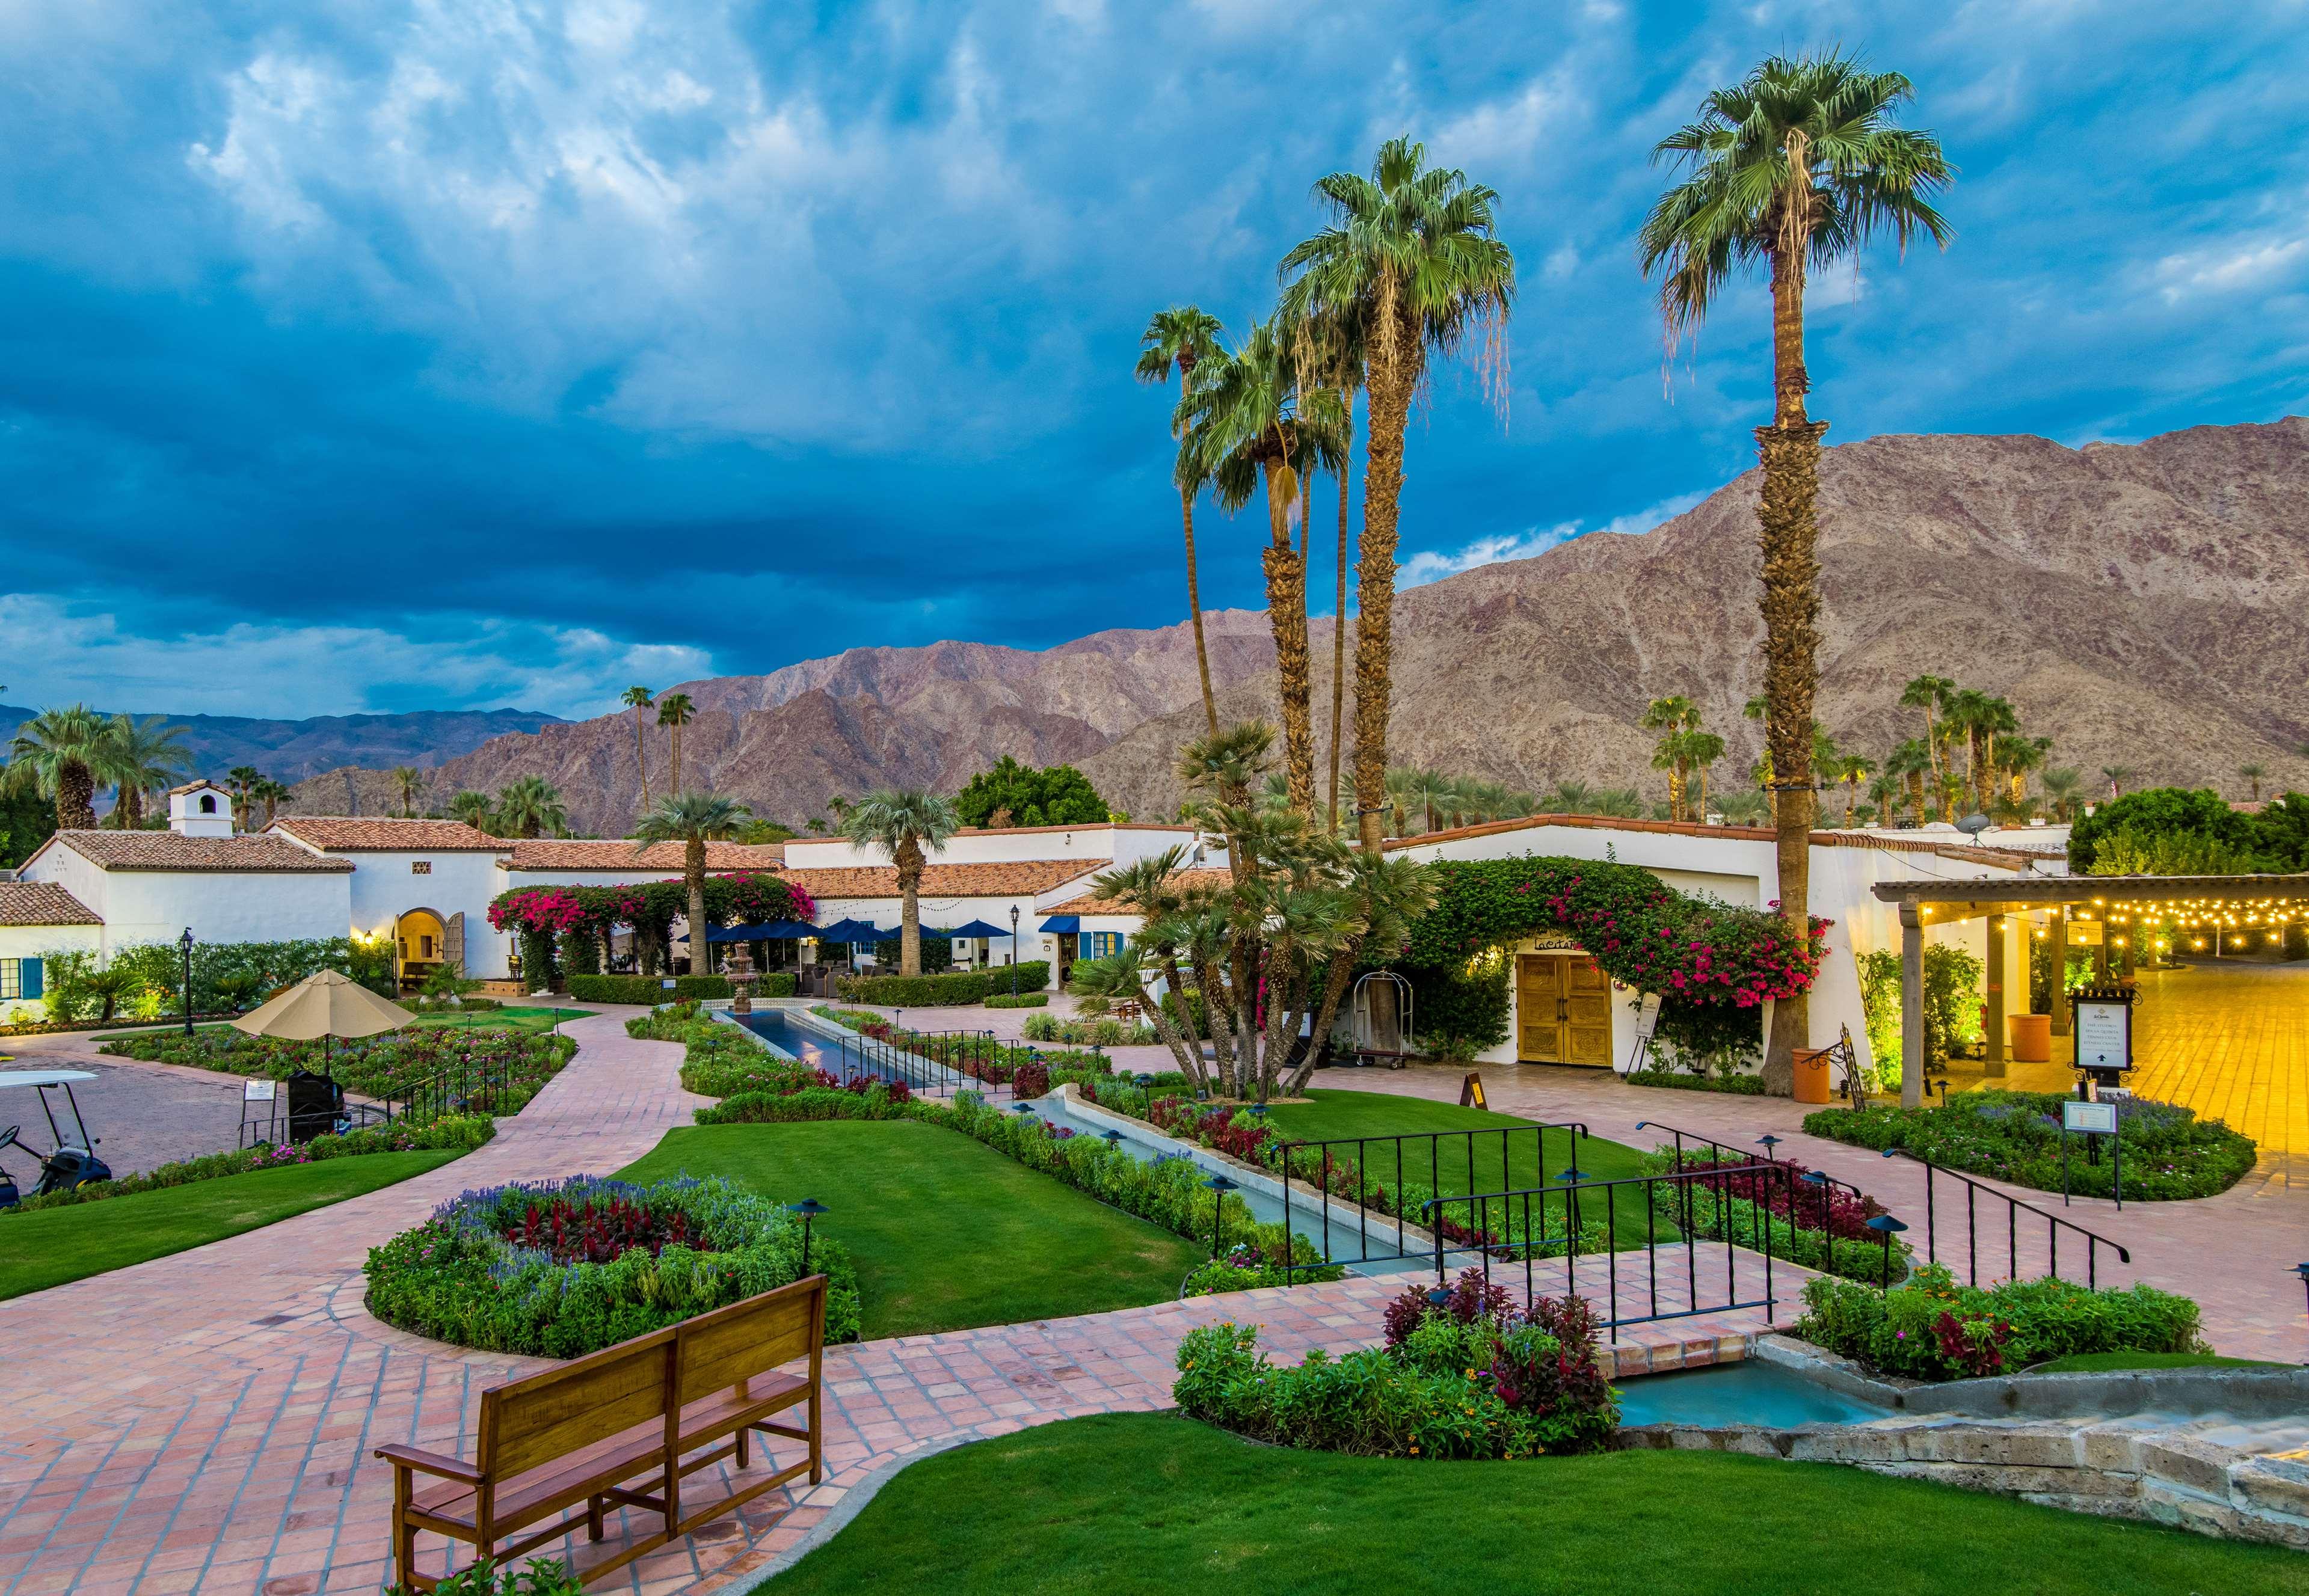 La Quinta Resort & Club, A Waldorf Astoria Resort image 3